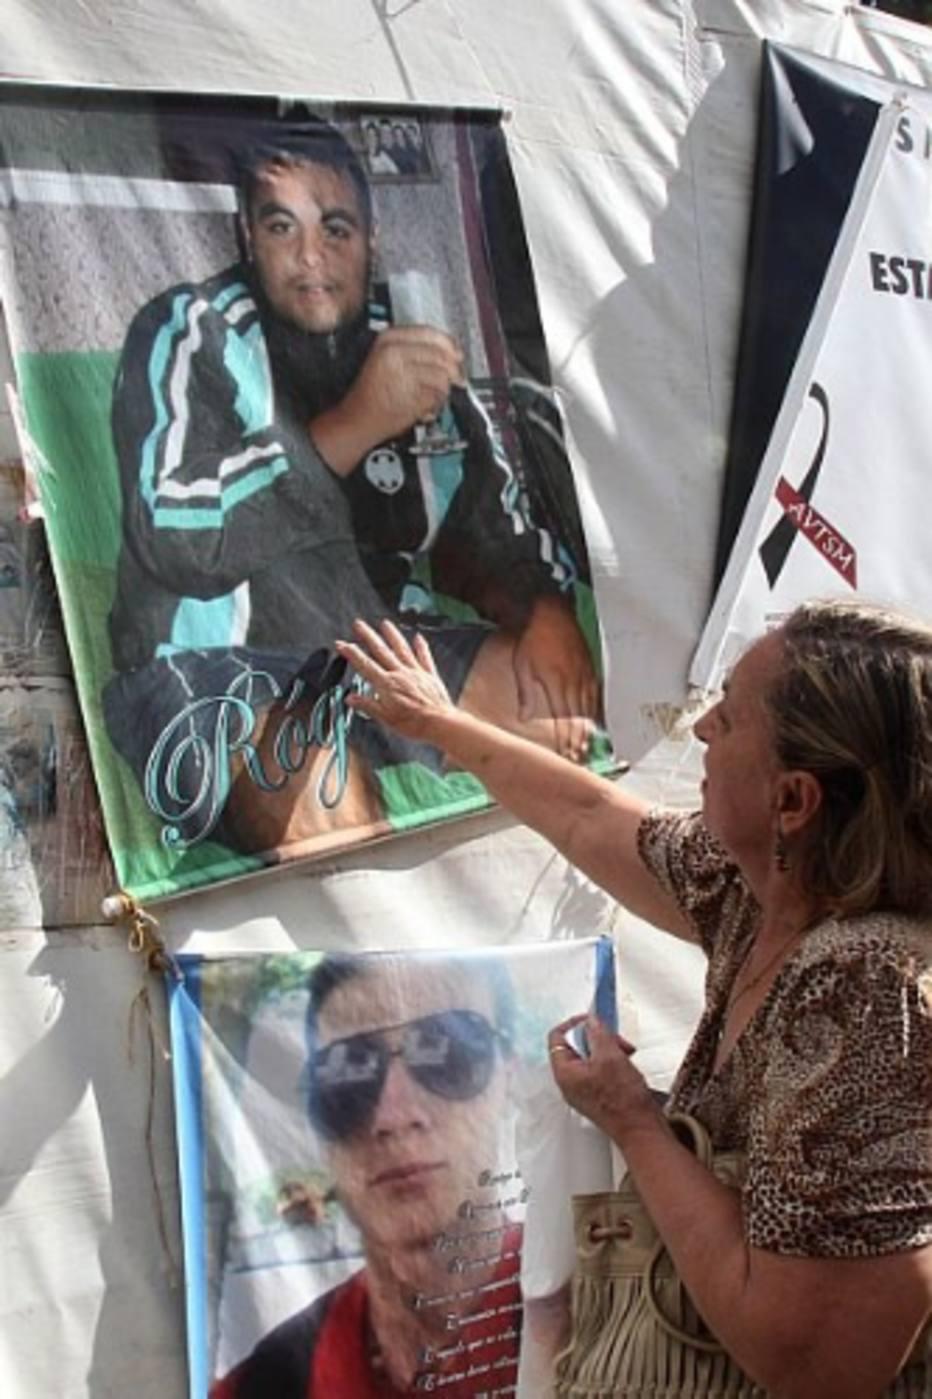 """Portando um cartaz com a foto da filha Rafaela Schmidt Nunes, morta aos 18 anos, o técnico em telefonia Jorge Alberto dos Santos Nunes, de 51, um dos 300 inscritos no congresso, resumia a dor de todos. """"Voltei a trabalhar 20 dias depois da tragédia, mas tive de me ausentar de novo em agosto, por depressão, e permaneço afastado desde então"""", contou."""